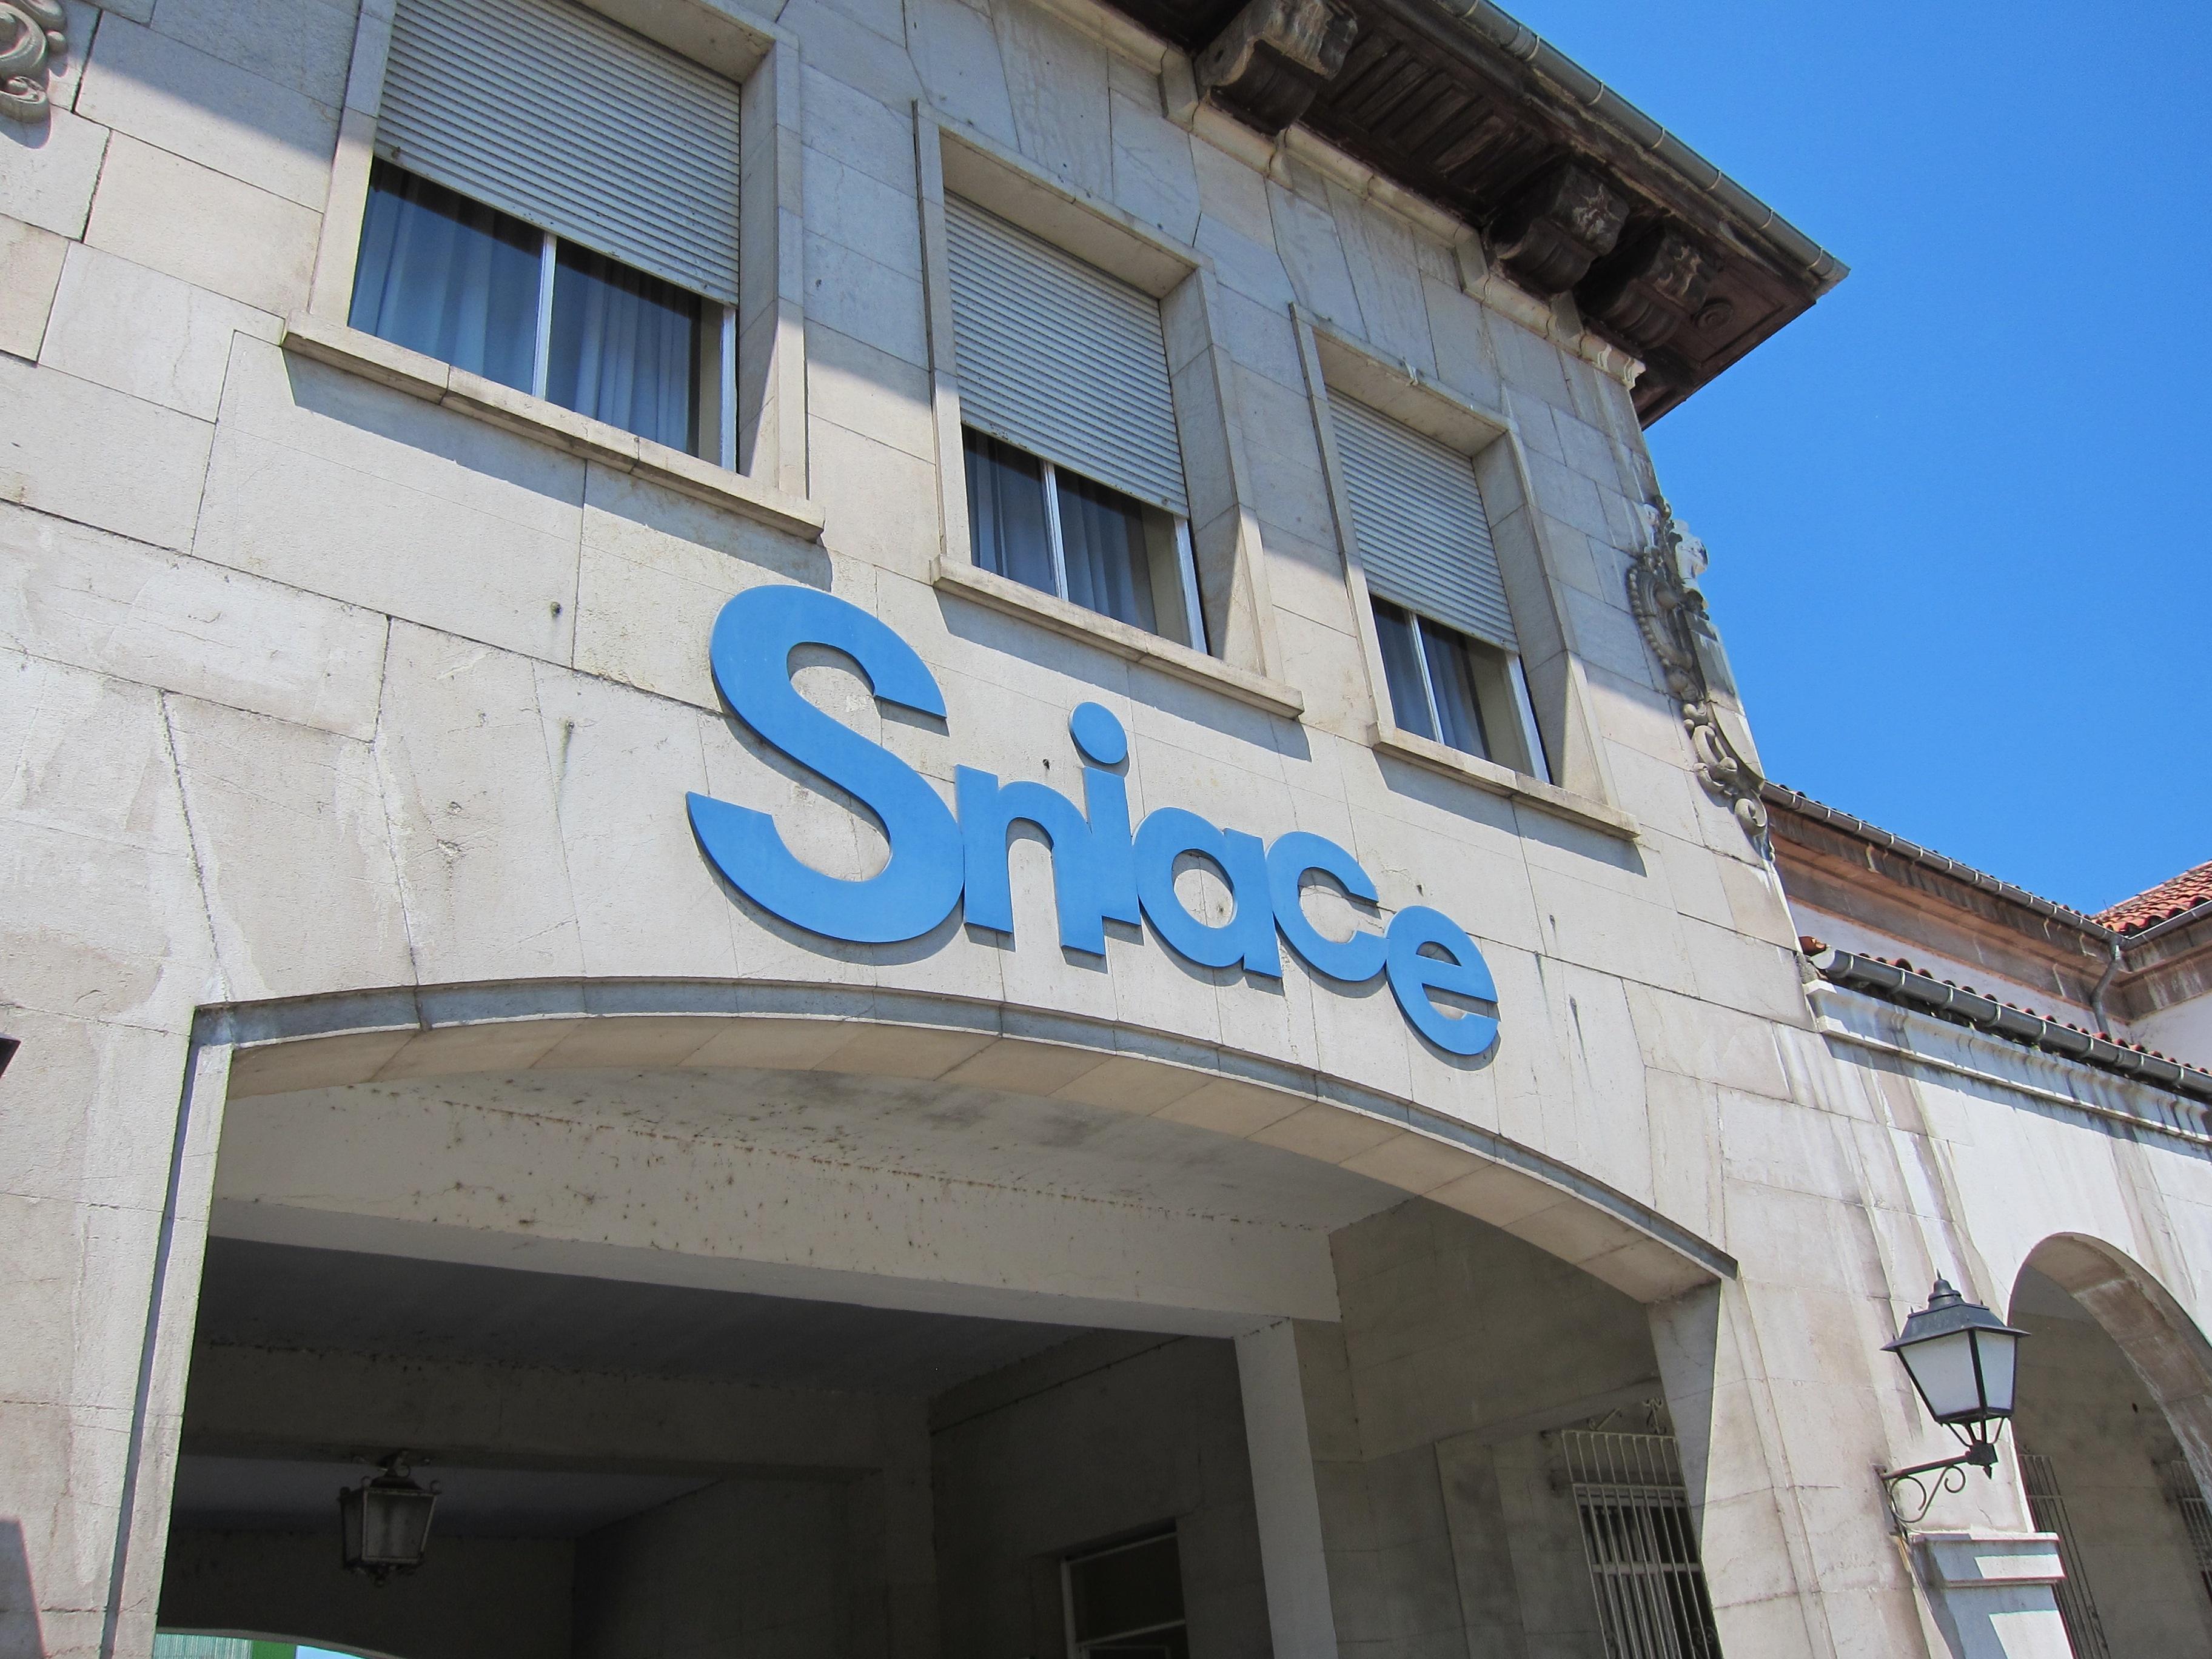 El PSOE lamenta que la reunión sobre Sniace suponga «una nueva frustración» para los trabajadores y la comarca